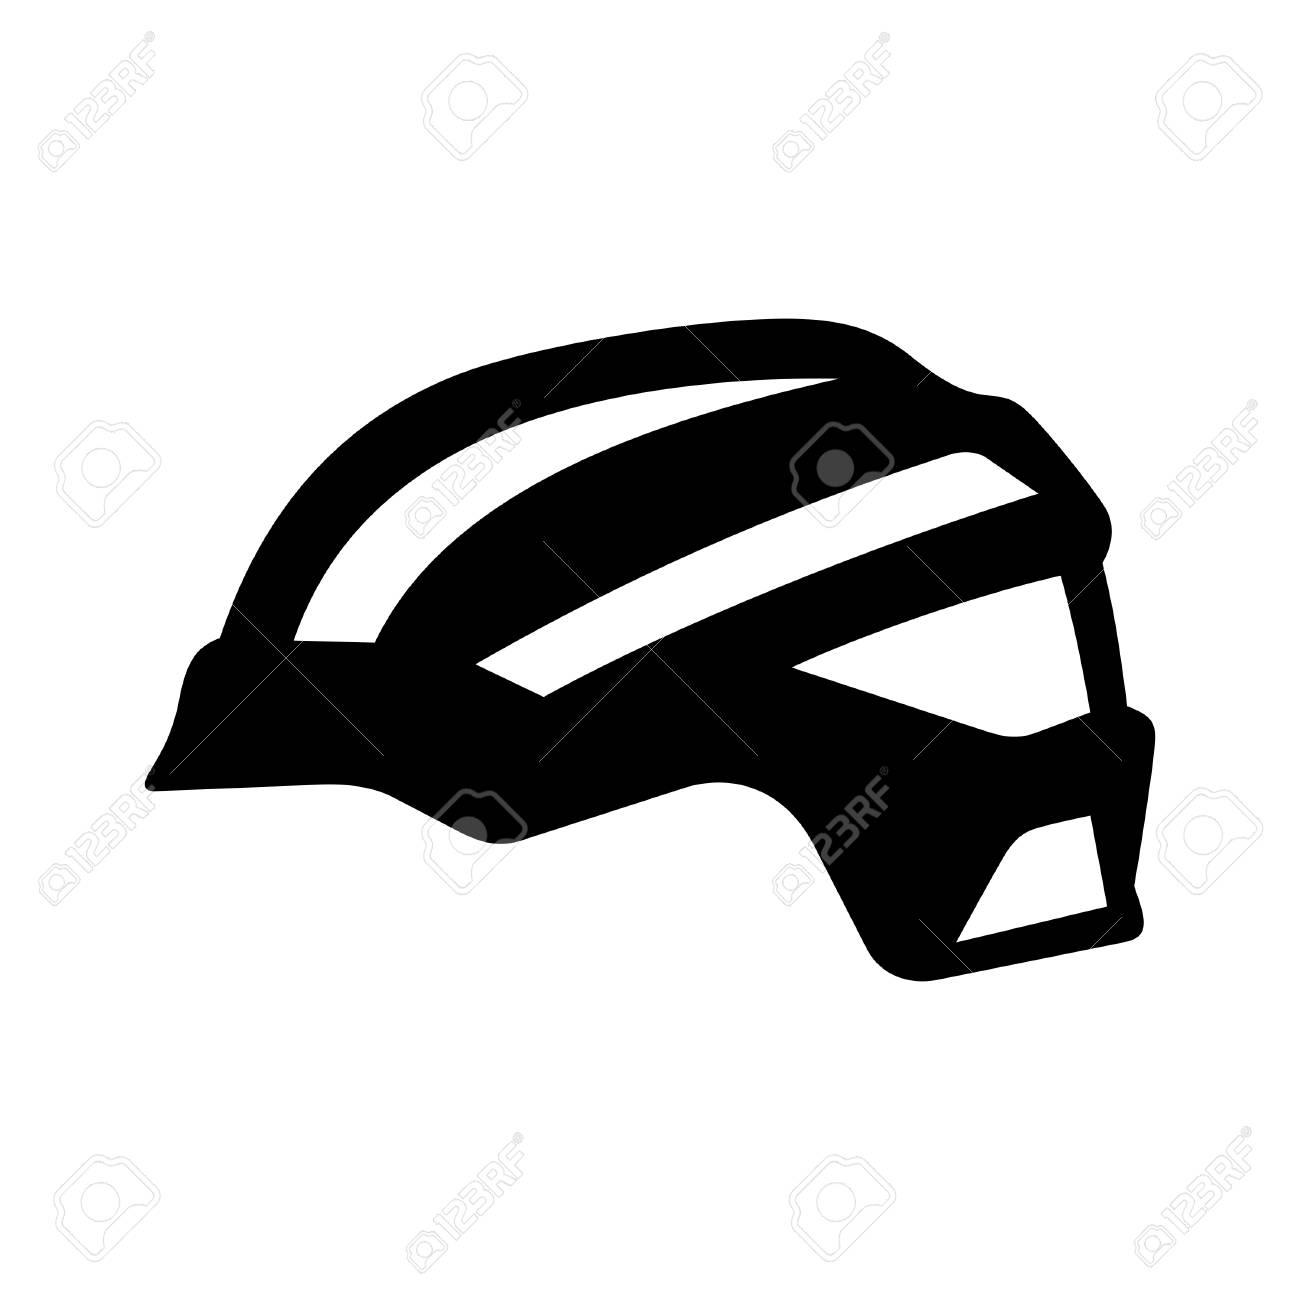 バイクのヘルメット陰影画像のイラスト素材ベクタ Image 56528198